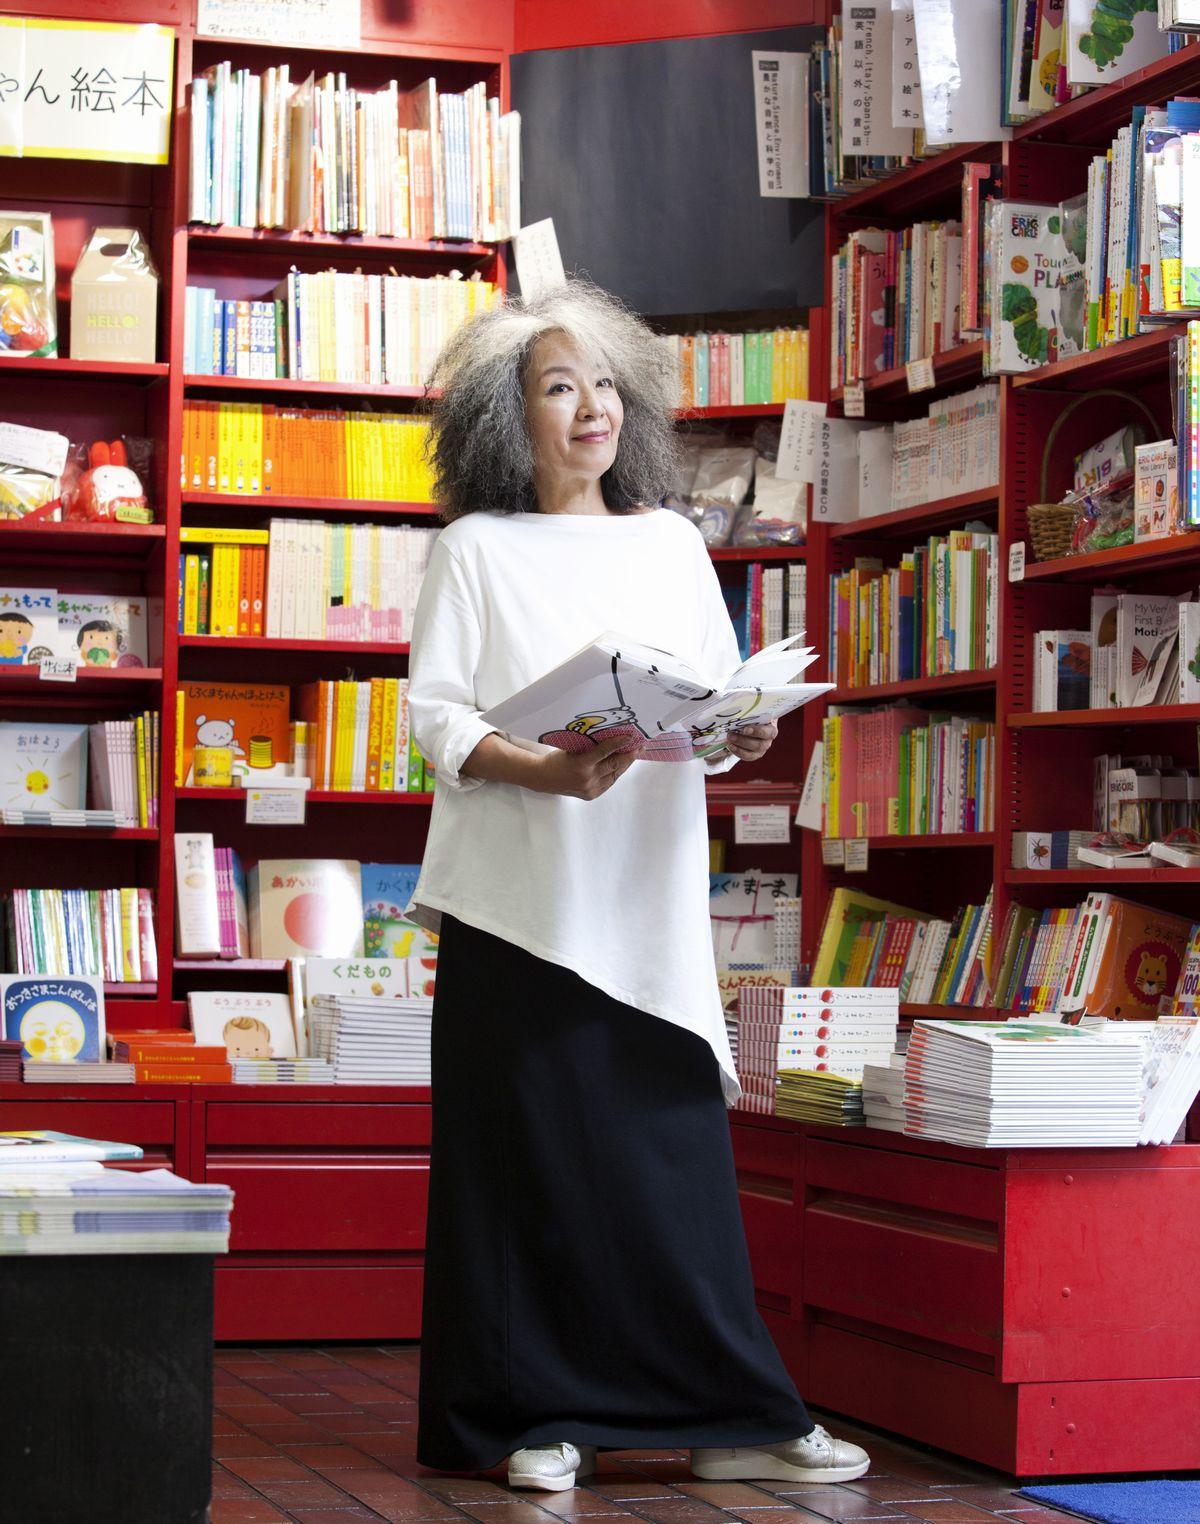 落合恵子さん 子どもたちと本との〝架け橋〟になって……